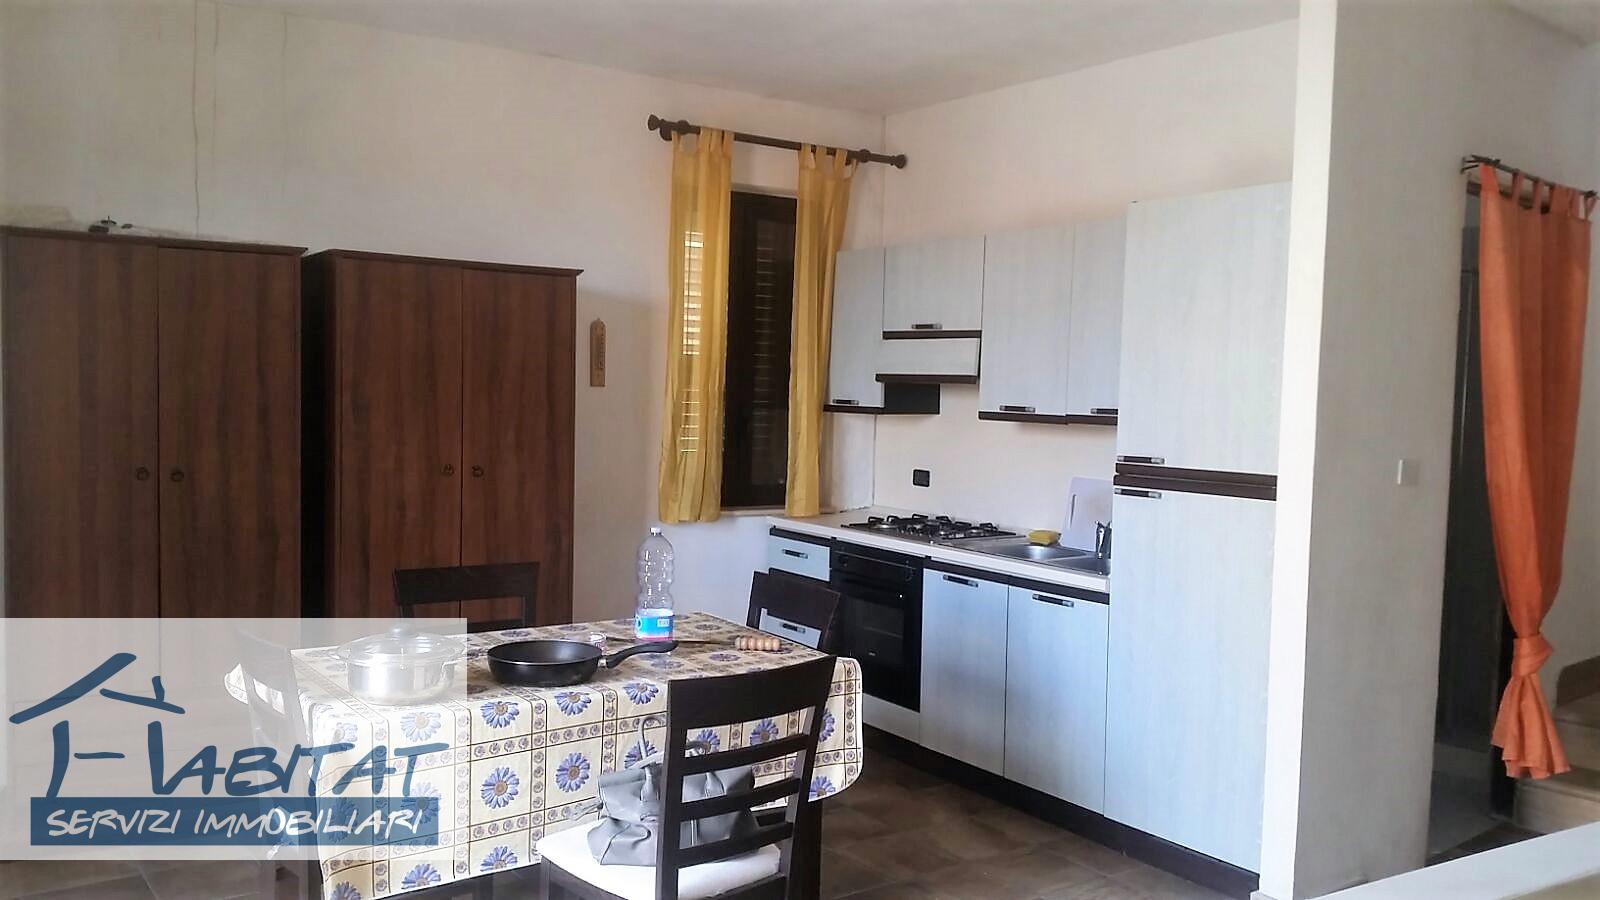 Appartamento in vendita a Agrigento, 3 locali, zona Località: Centrostorico, prezzo € 45.000 | CambioCasa.it